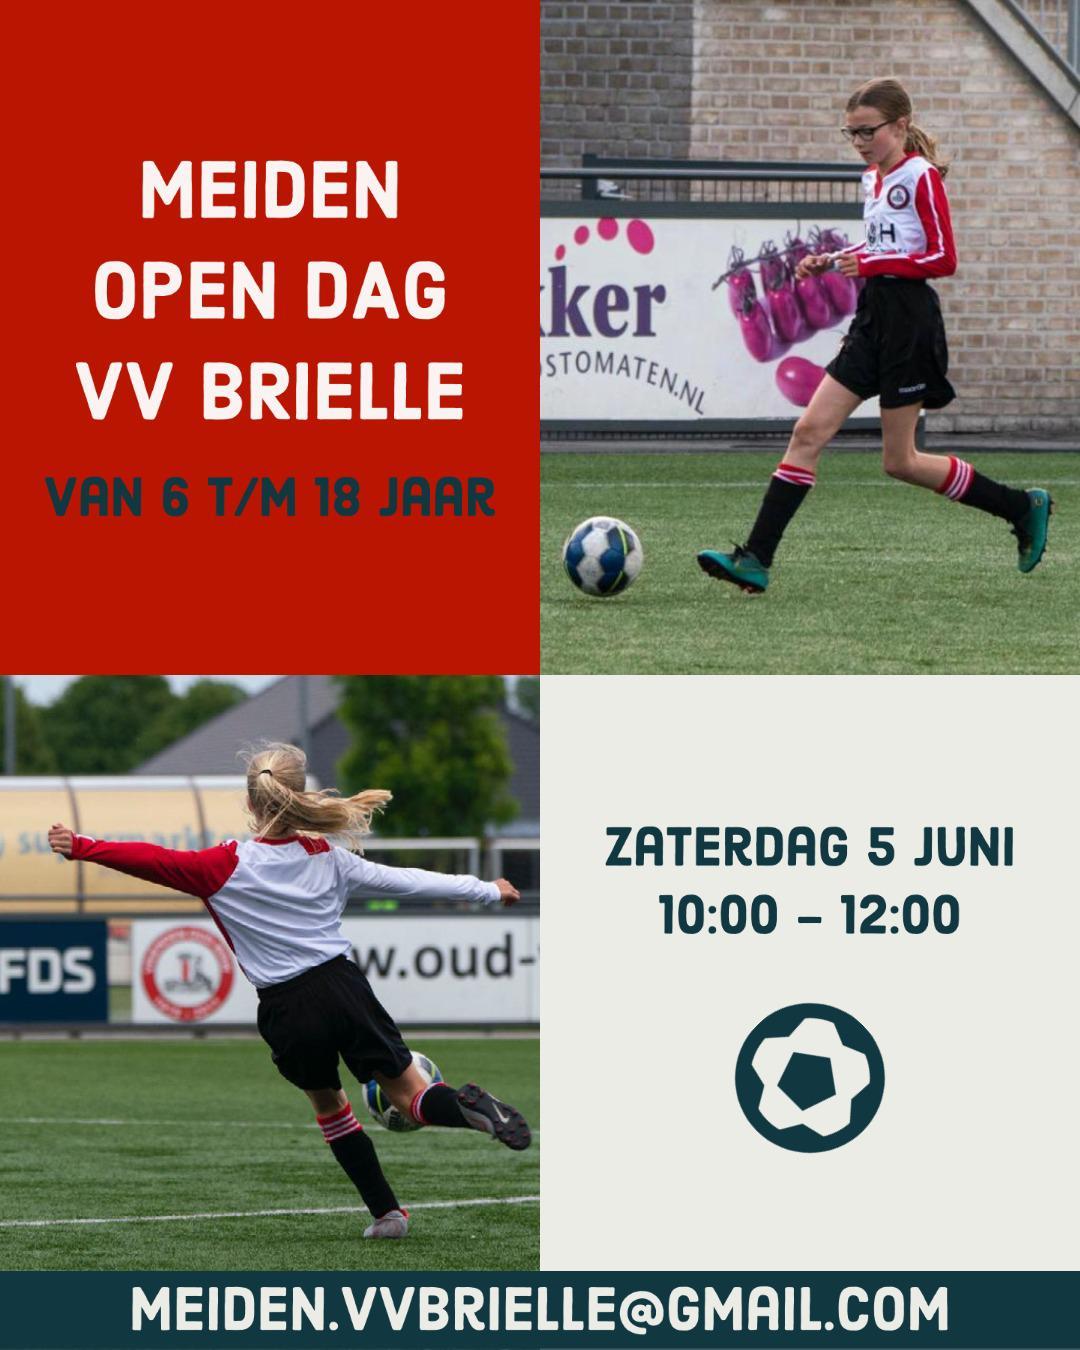 Meiden open dag VV Brielle (Gaat wel door)